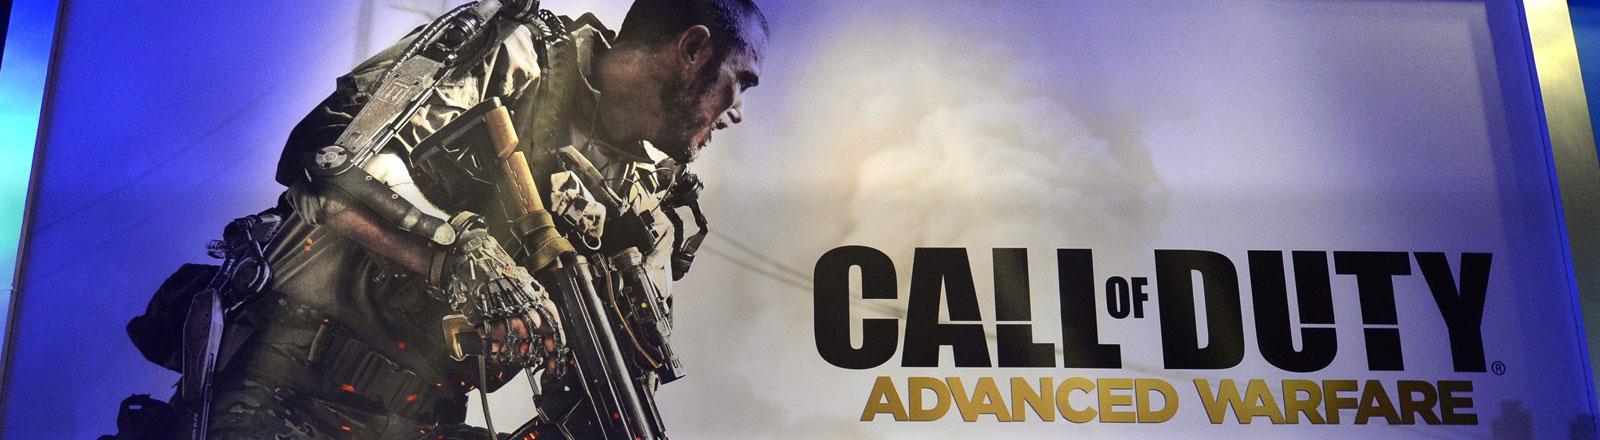 """Ein Poster, auf dem """"Call of Duty"""" Advanced Warfare steht. Daneben ein Kämpfer mit Waffe."""